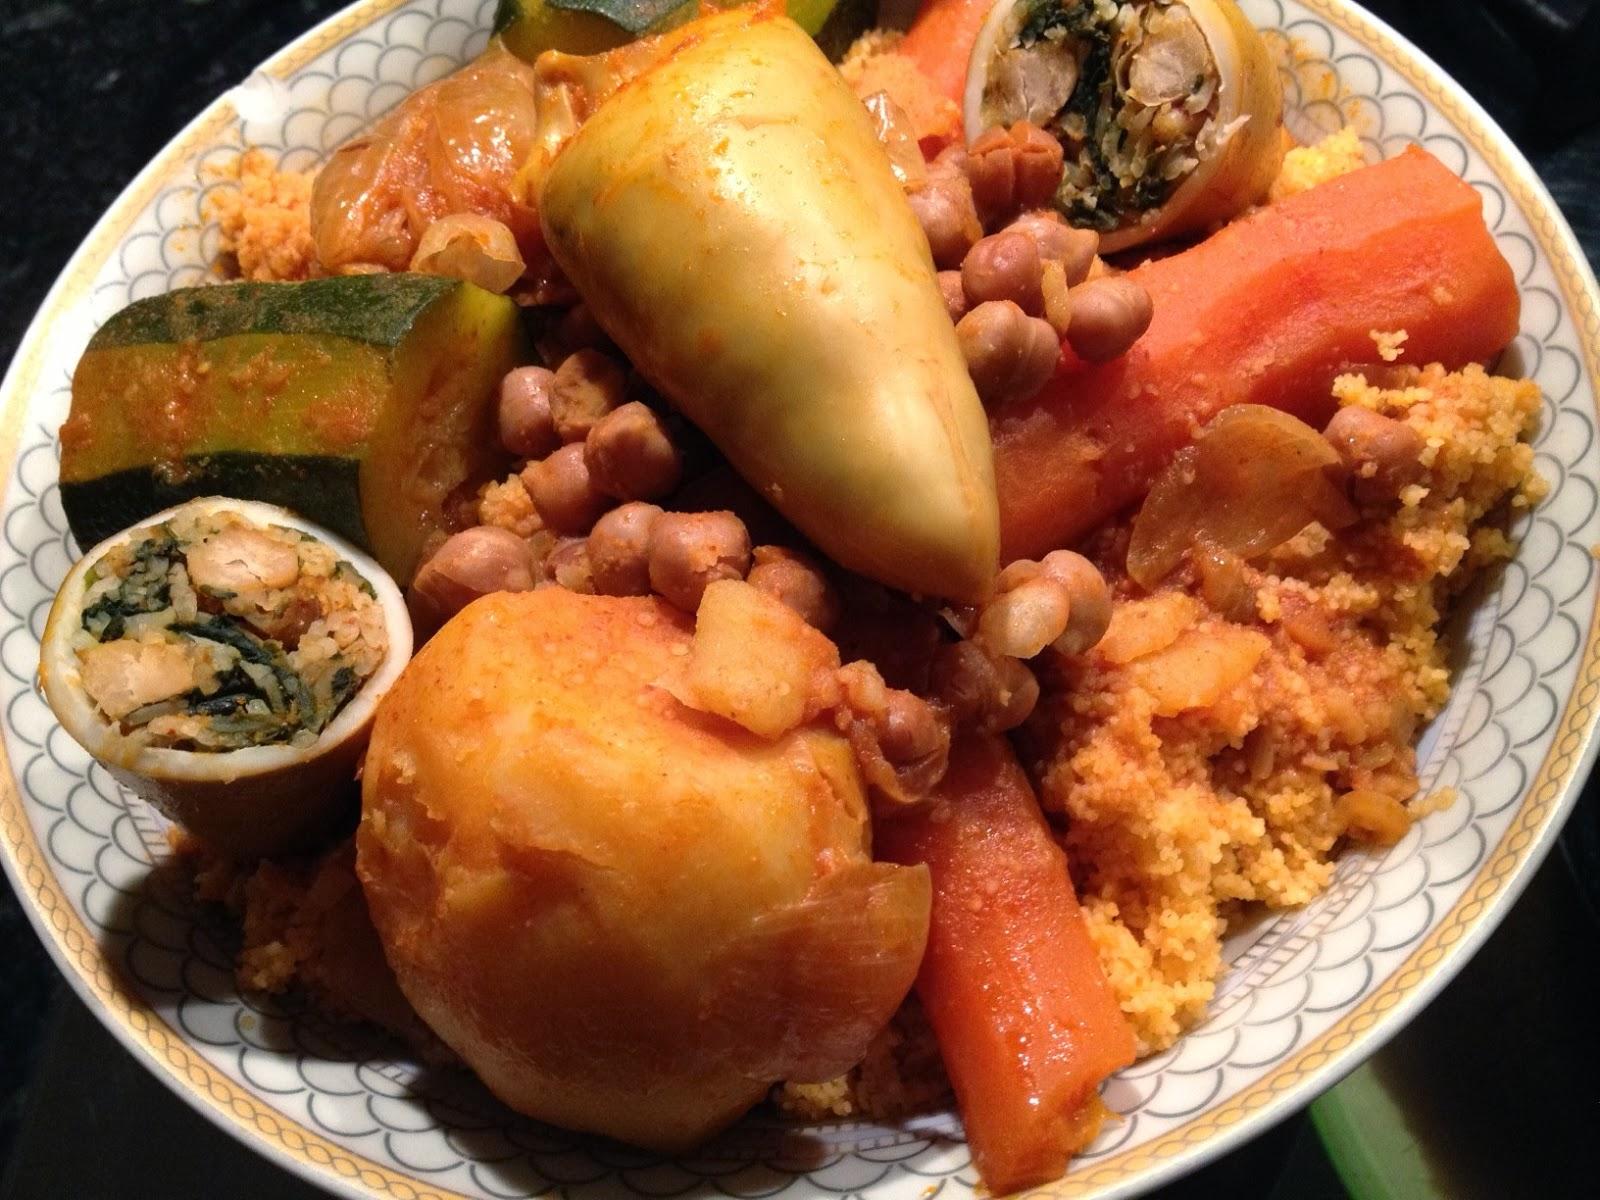 La cuisine de nadia couscous tunisien aux encornets farcis recette film e - Recette cuisine couscous tunisien ...